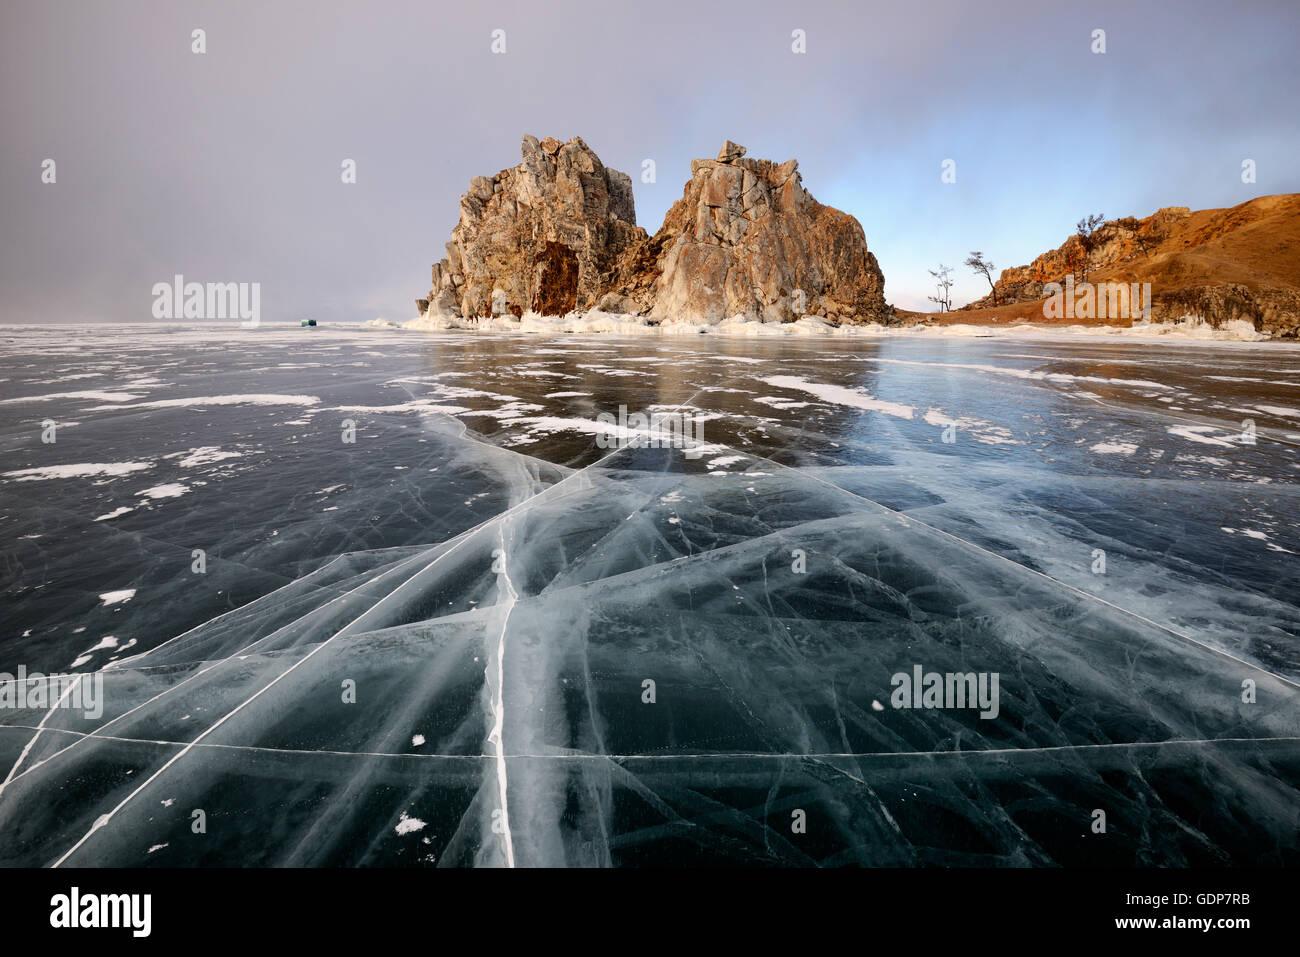 Vista del ghiaccio congelato e Shamanka roccia su Burkhan Cape, Lago Baikal, isola di Olkhon, Siberia, Russia Immagini Stock